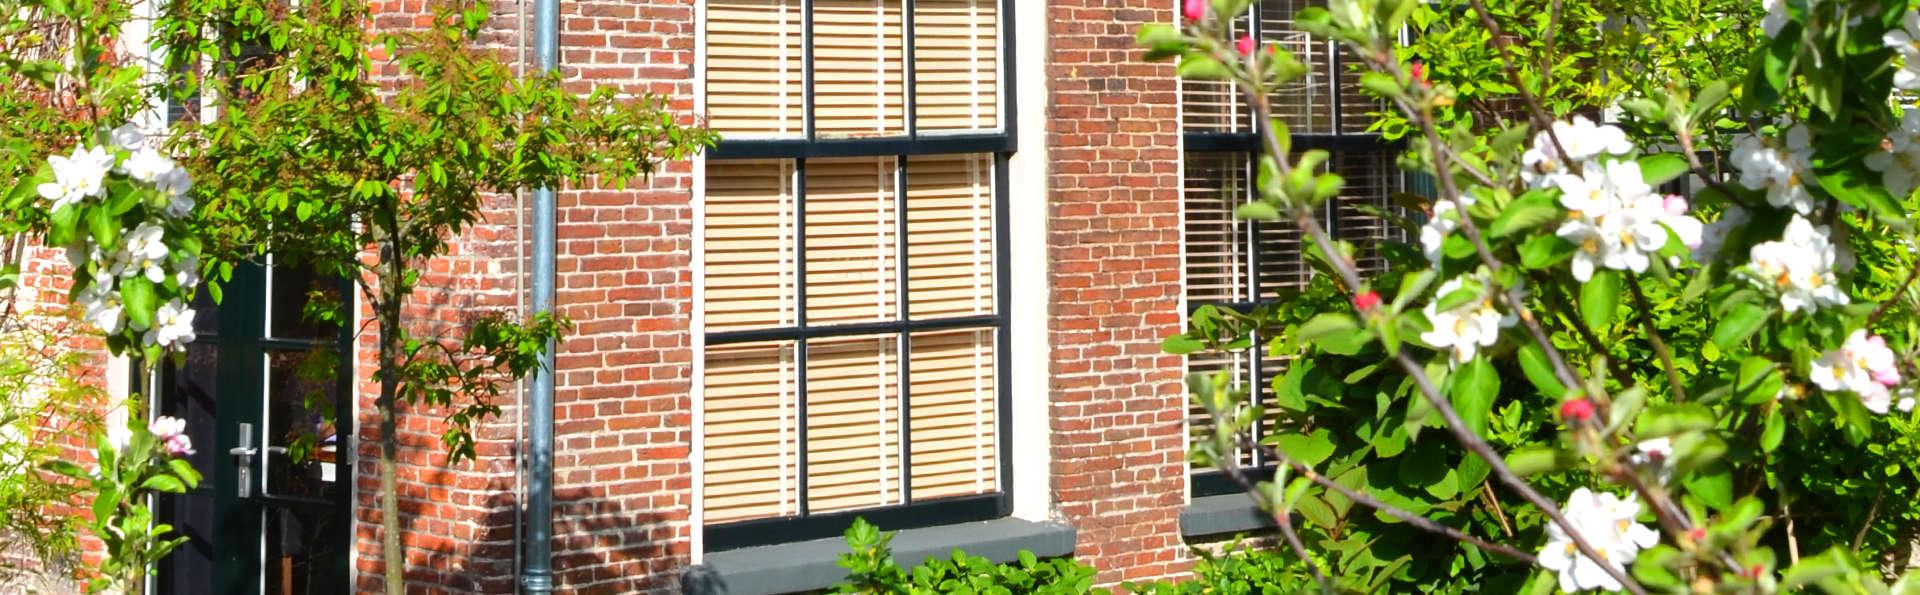 Hotel de Tabaksplant - EDIT_Exterior1.jpg